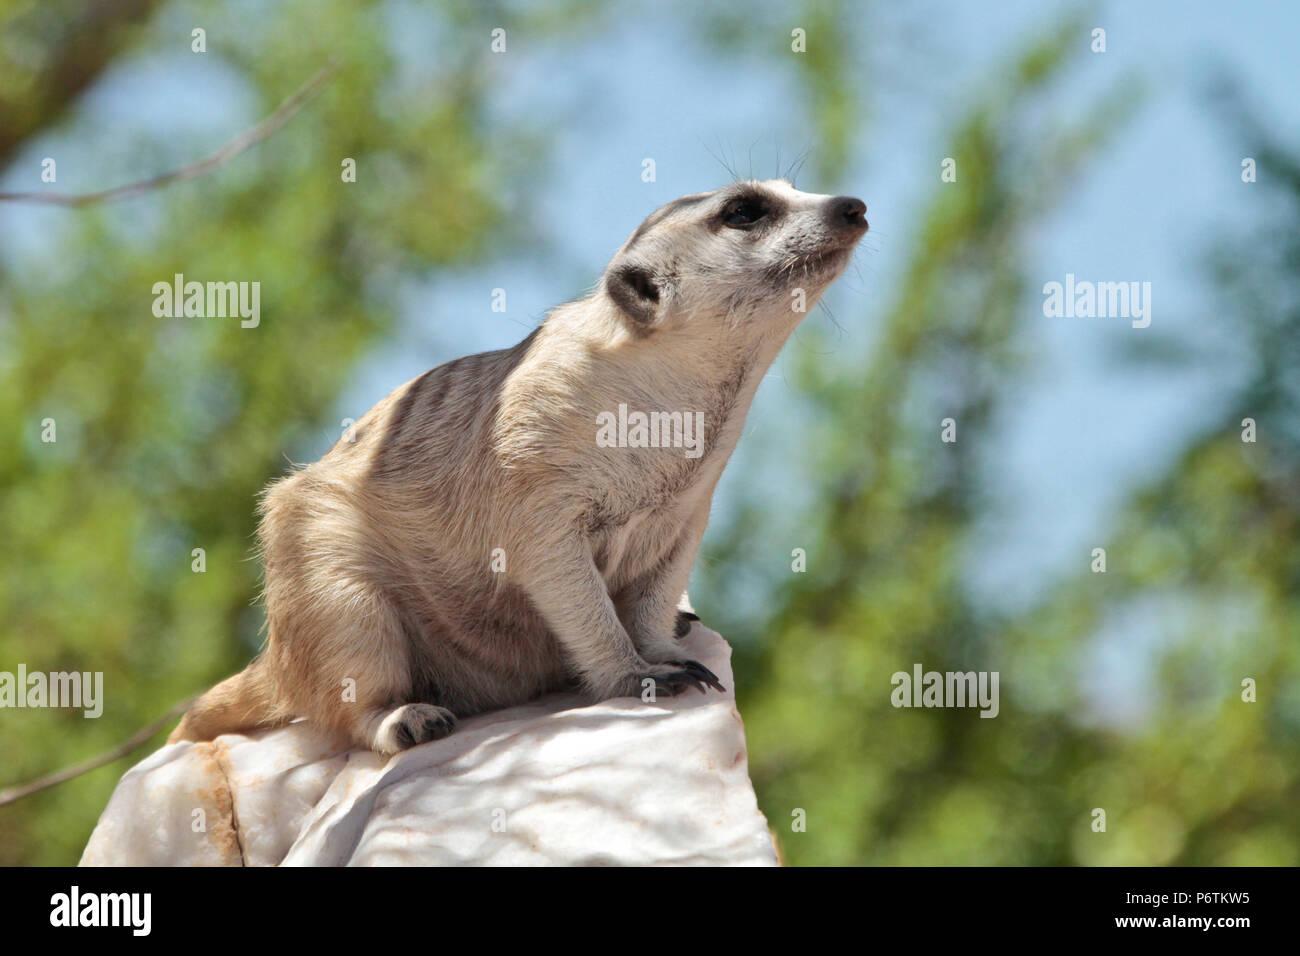 Meerkat or Suricat - Suricata suricatta -  crouched on white, quartz rock, looking around. Kalahari Namibia - Stock Image